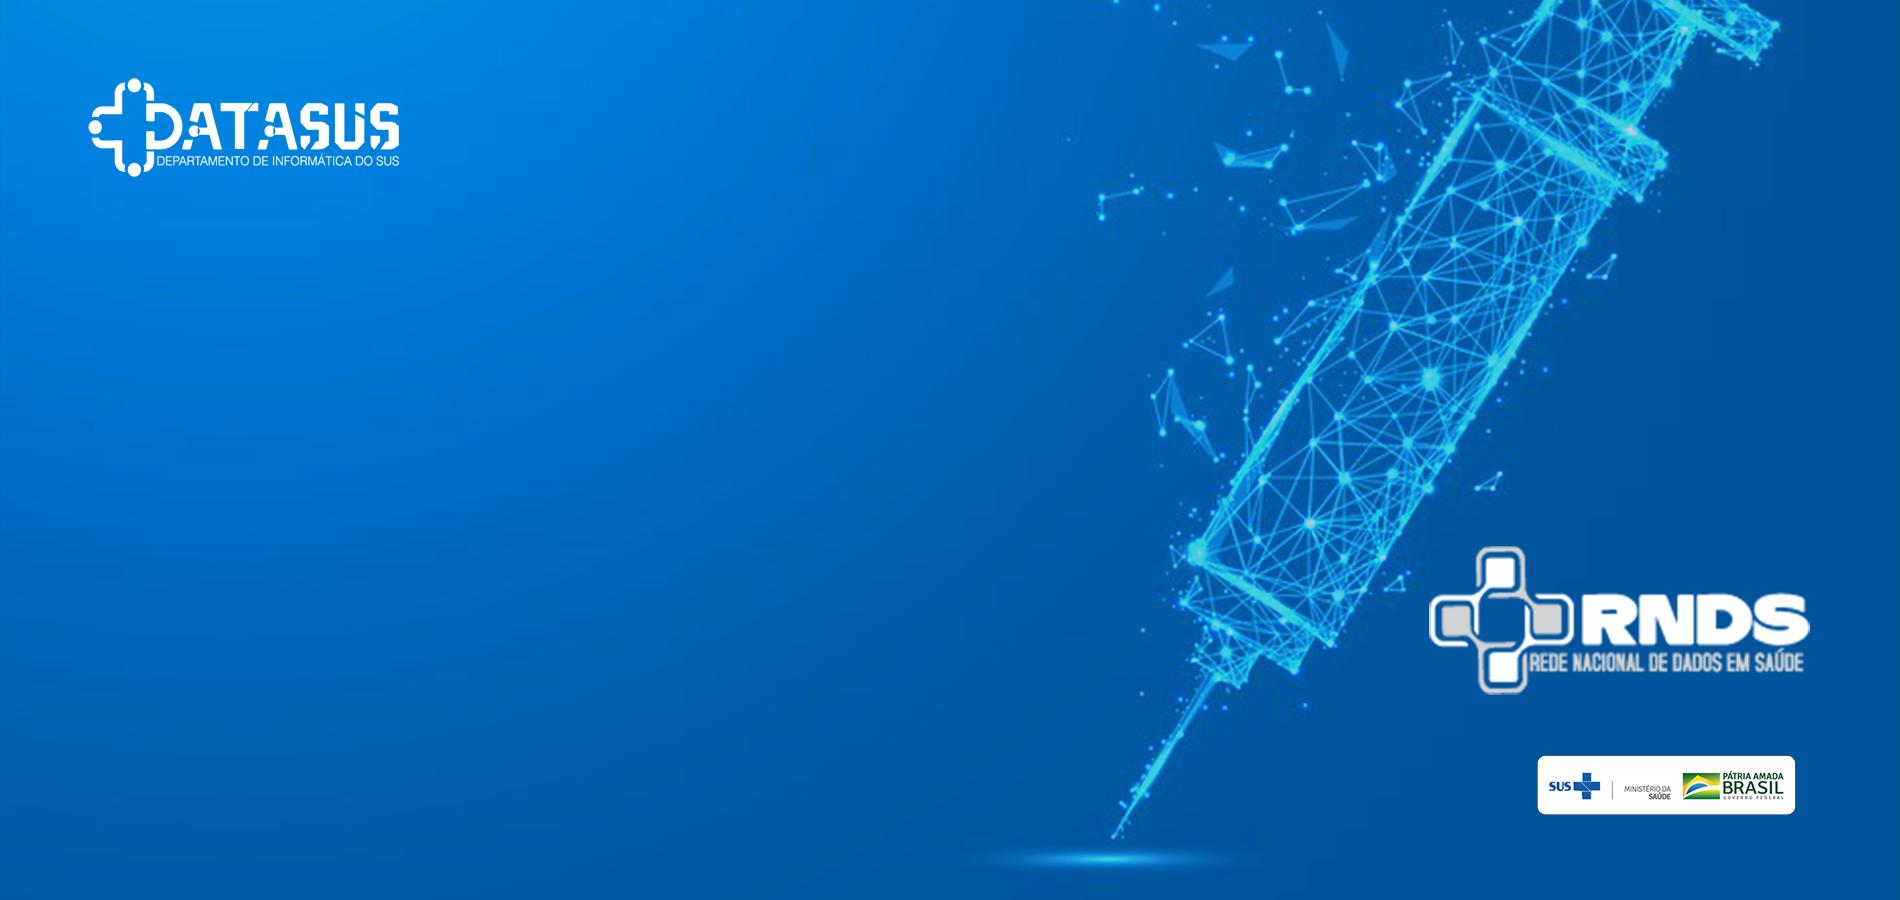 Saúde apresenta orientações técnicas para apoiar integração dos sistemas e das soluções à  RNDS, que armazenará os dados da Campanha de Vacinação contra a COVID-19